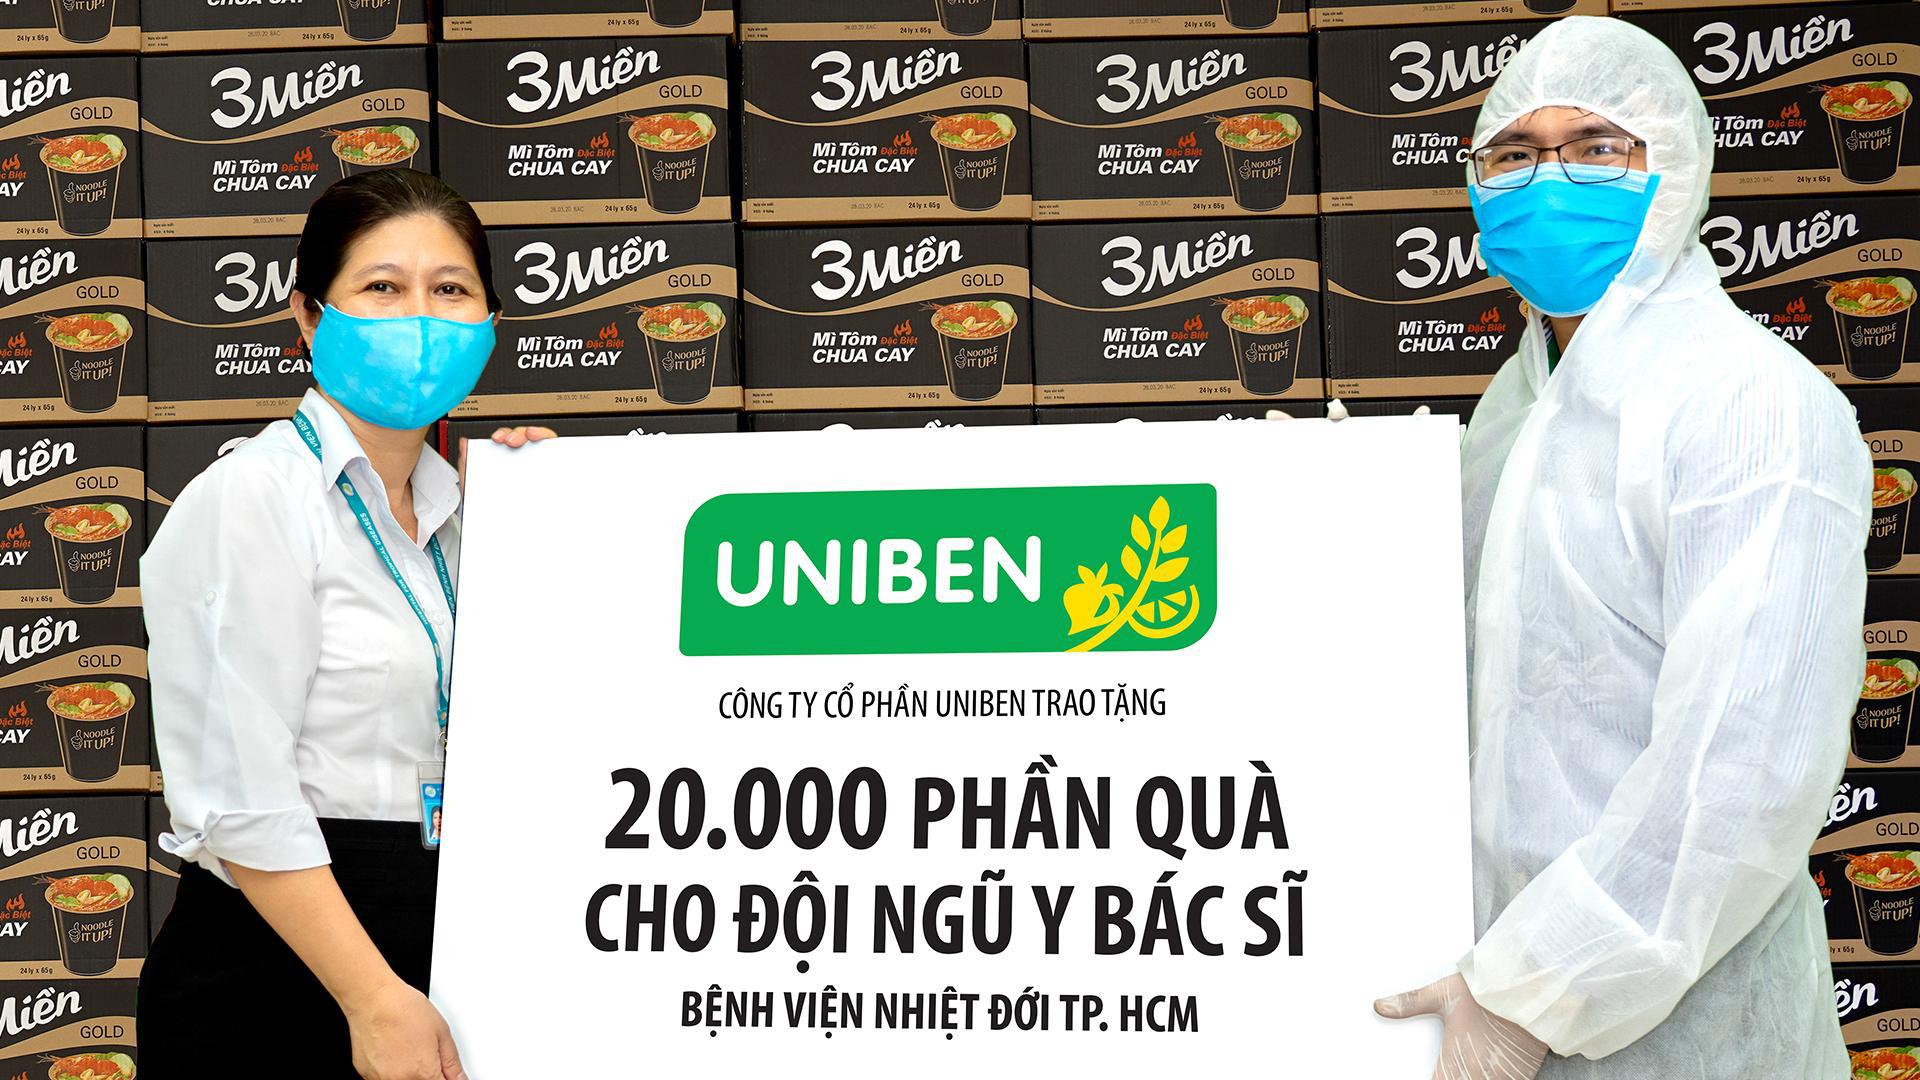 Uniben trao tặng 150.000 bữa ăn dinh dưỡng từ Mì 3 Miền và Nước trái cây Joco cho đội ngũ y bác sĩ các bệnh viện tuyến đầu - Ảnh 2.